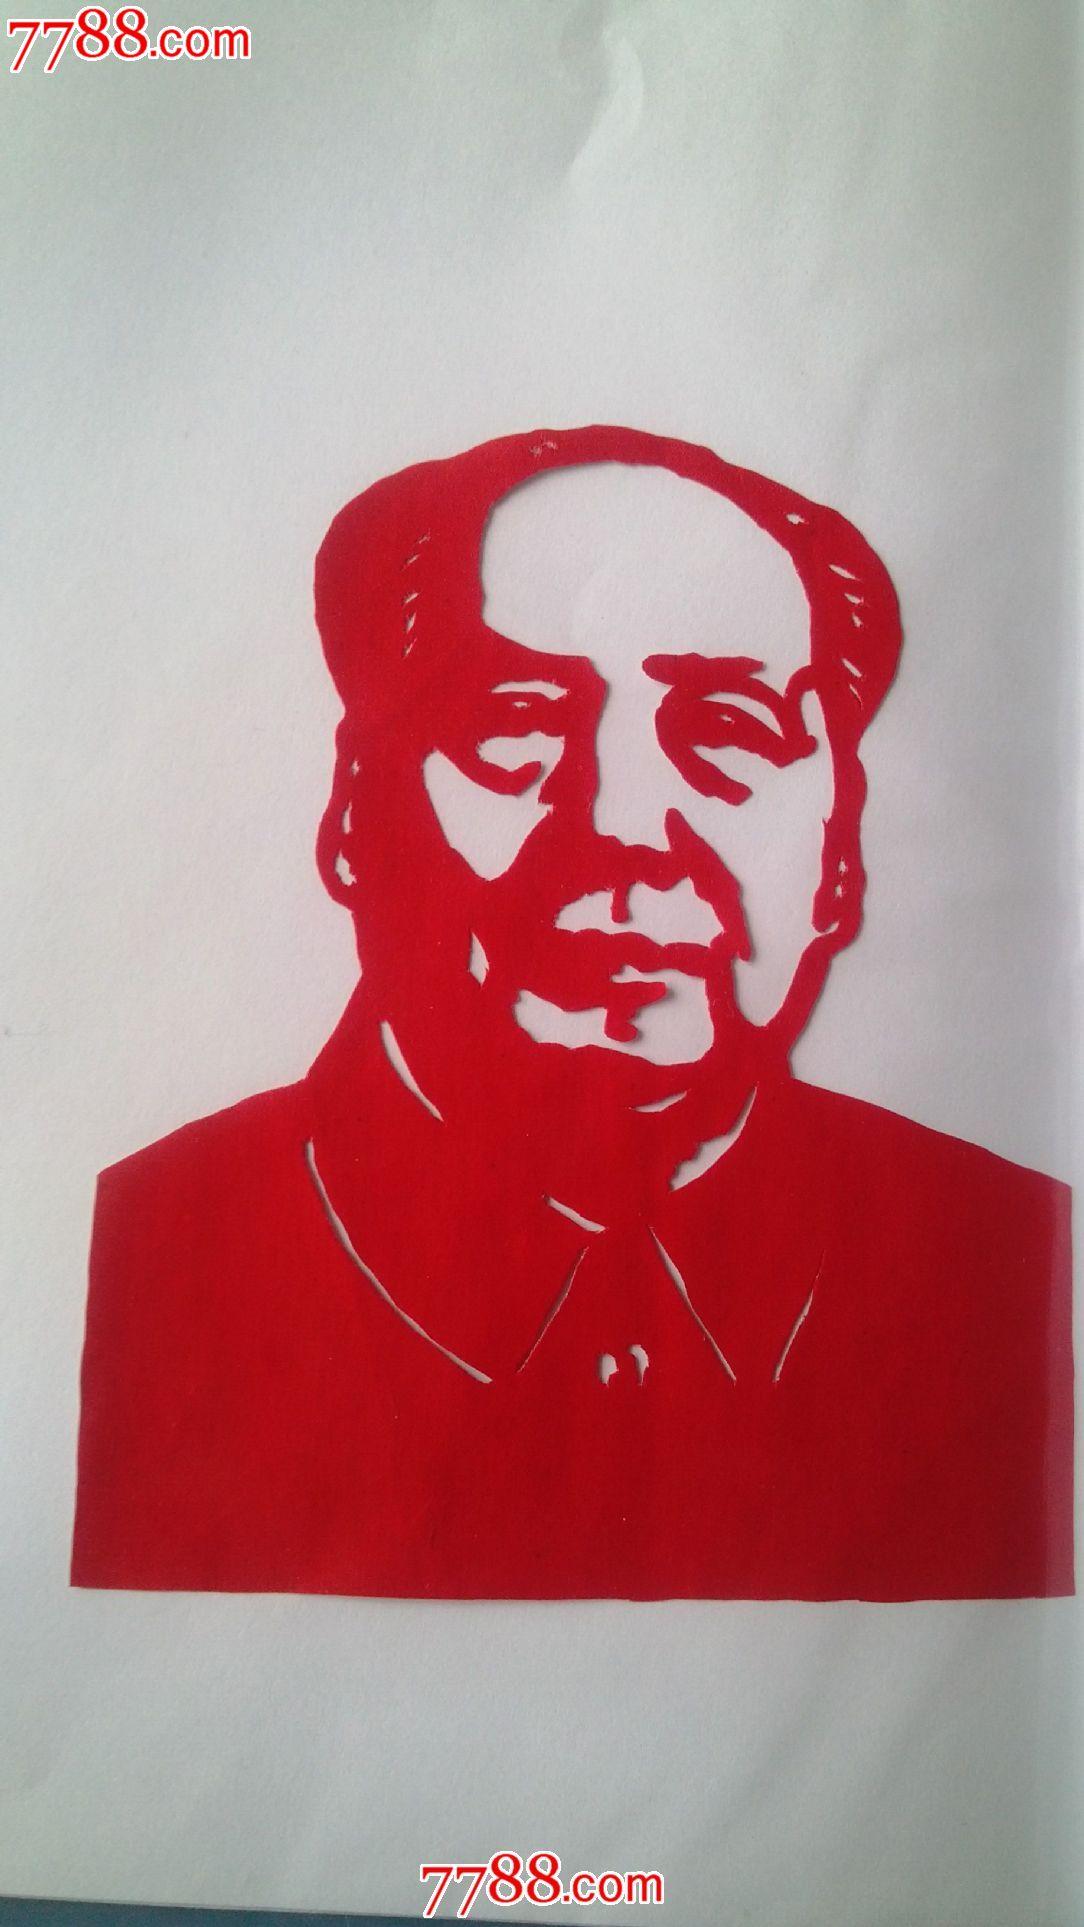 毛主席头像剪纸